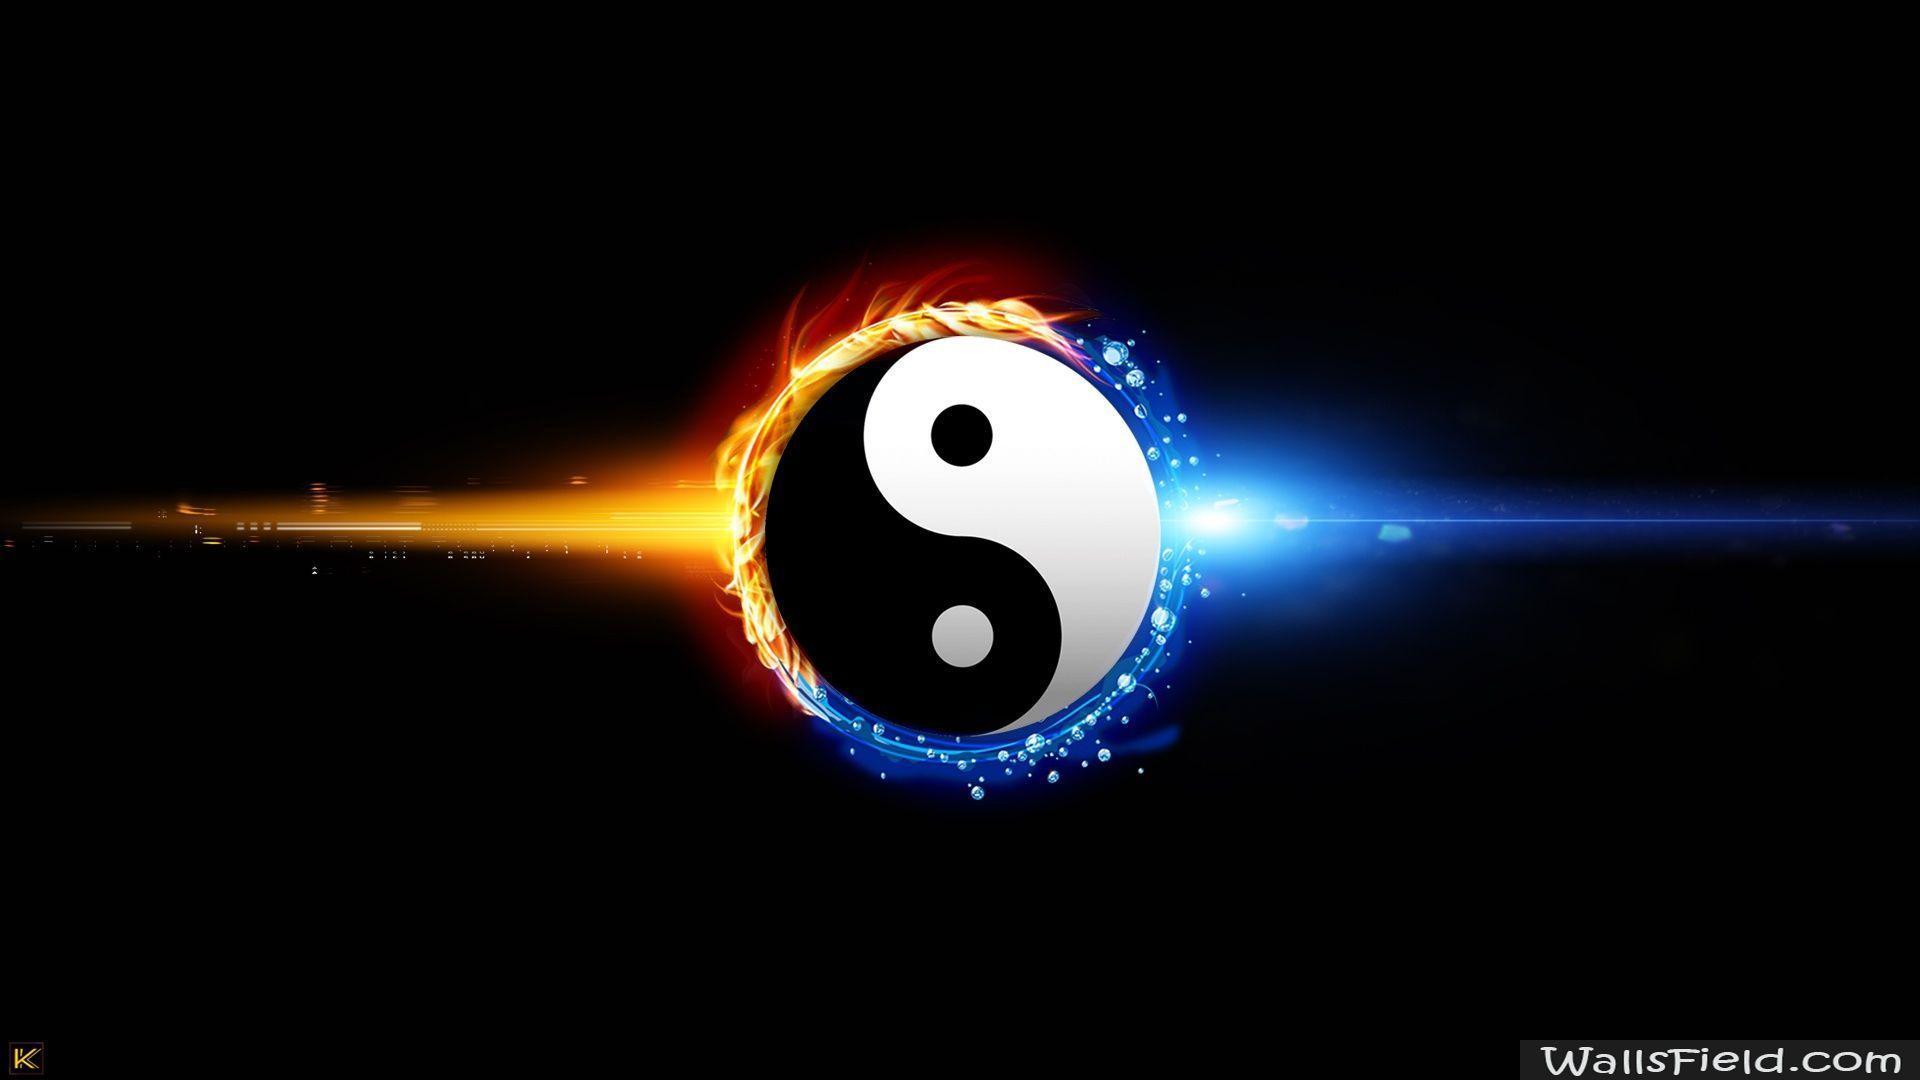 Yin and Yang Wallpapers - Top Free Yin and Yang ...